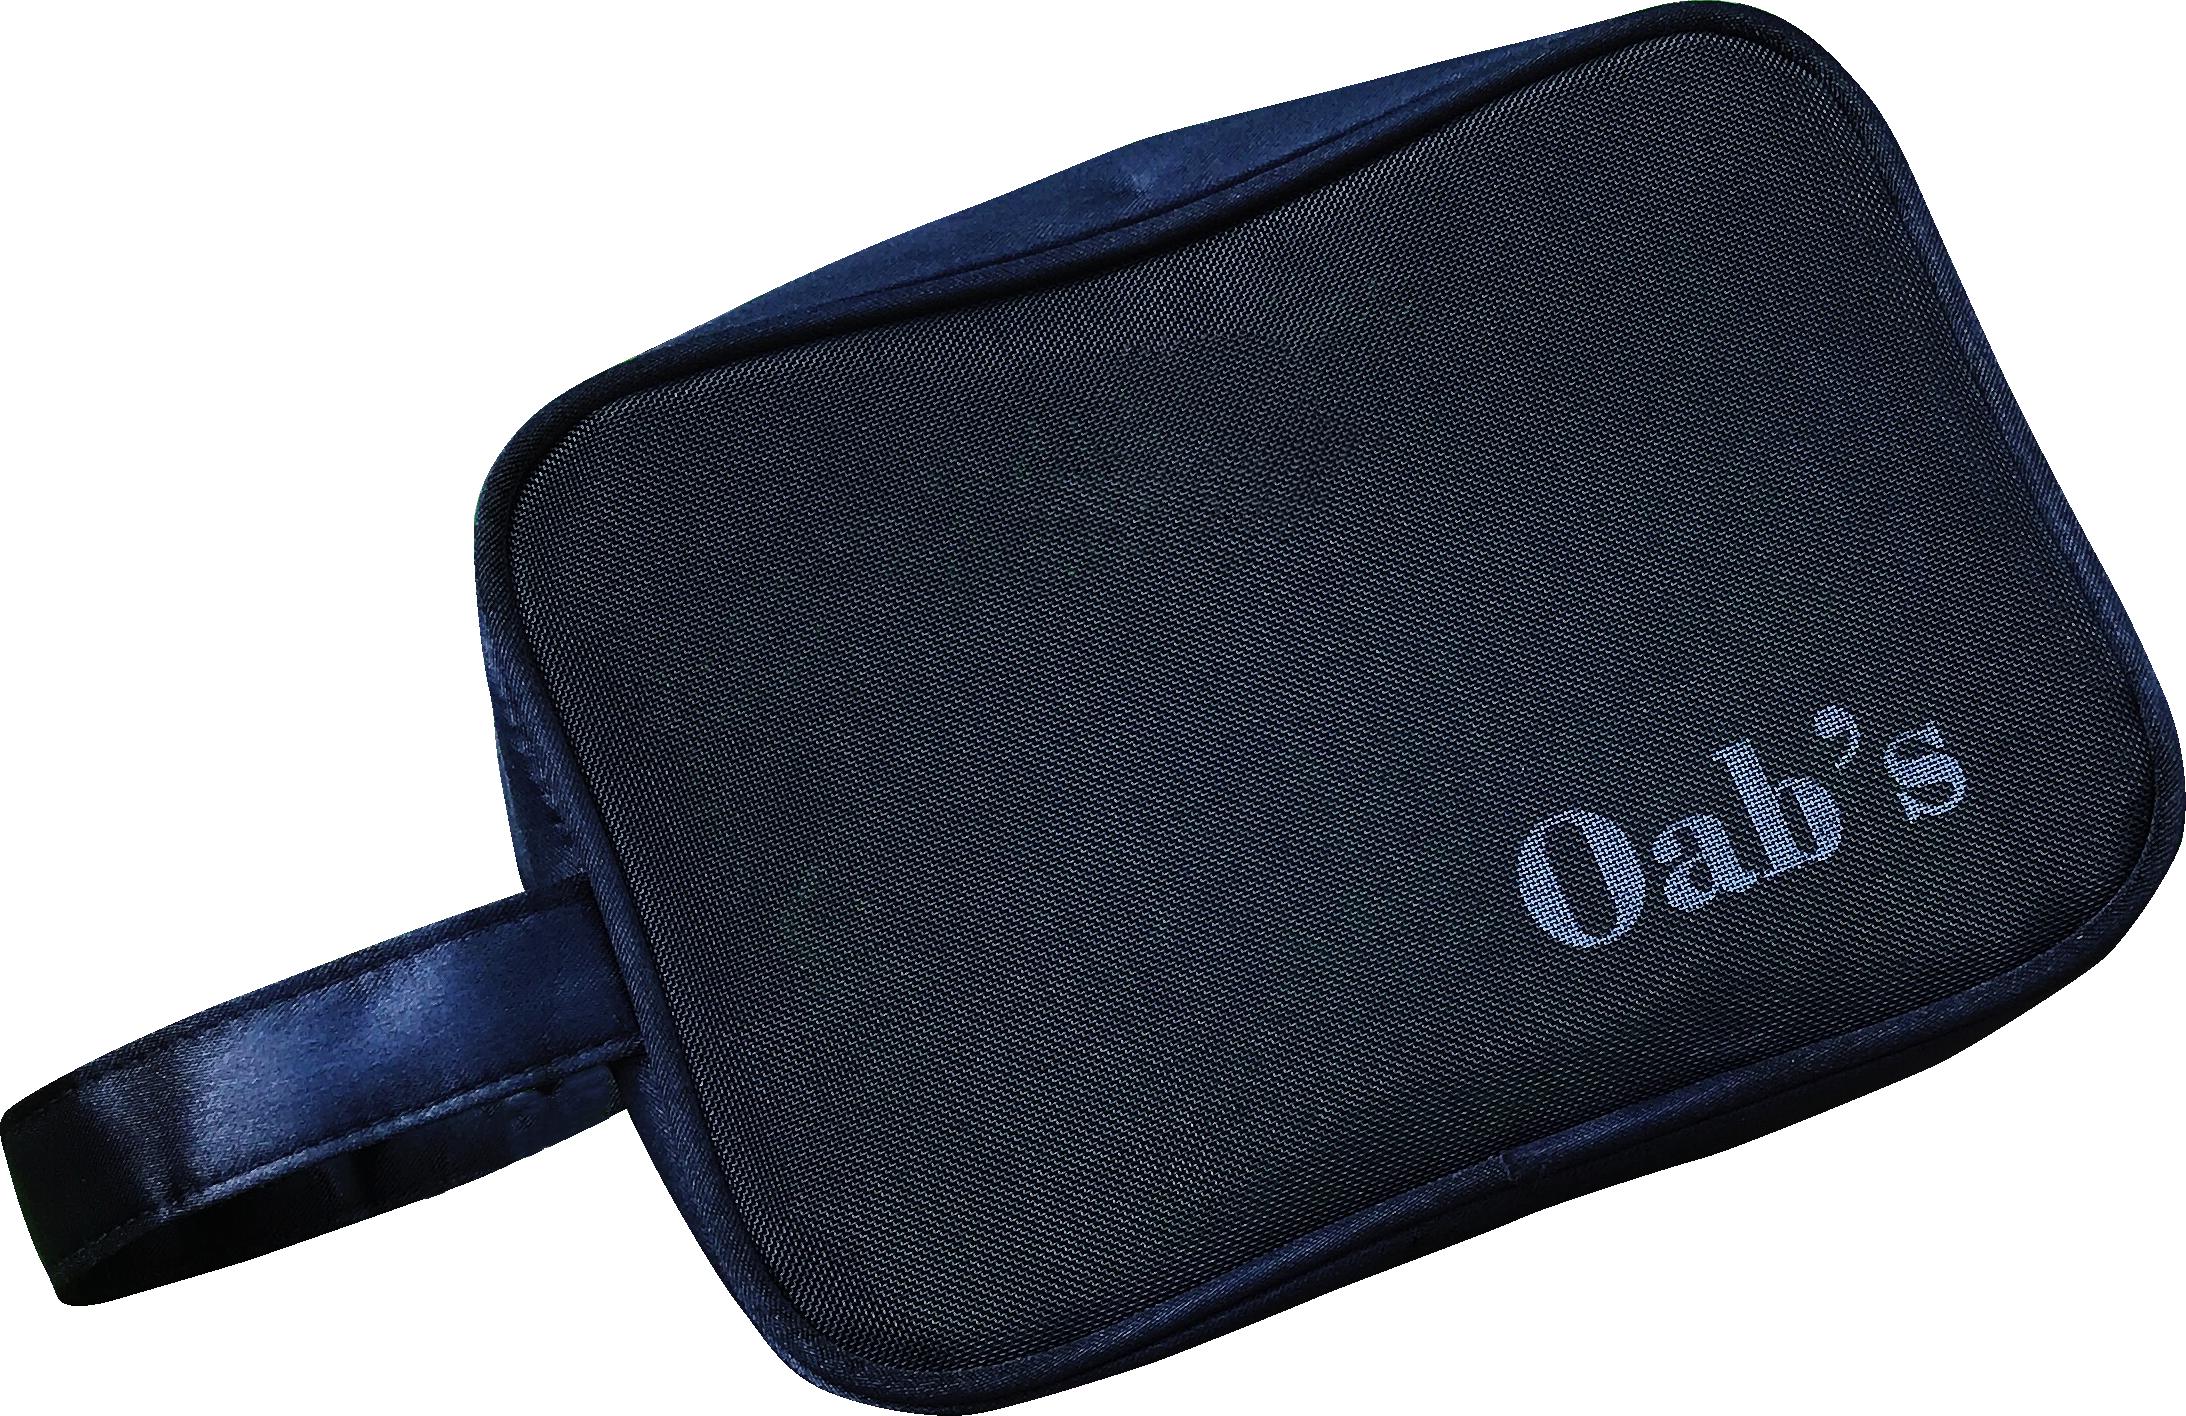 Oab's Online Exclusive Set 299.-